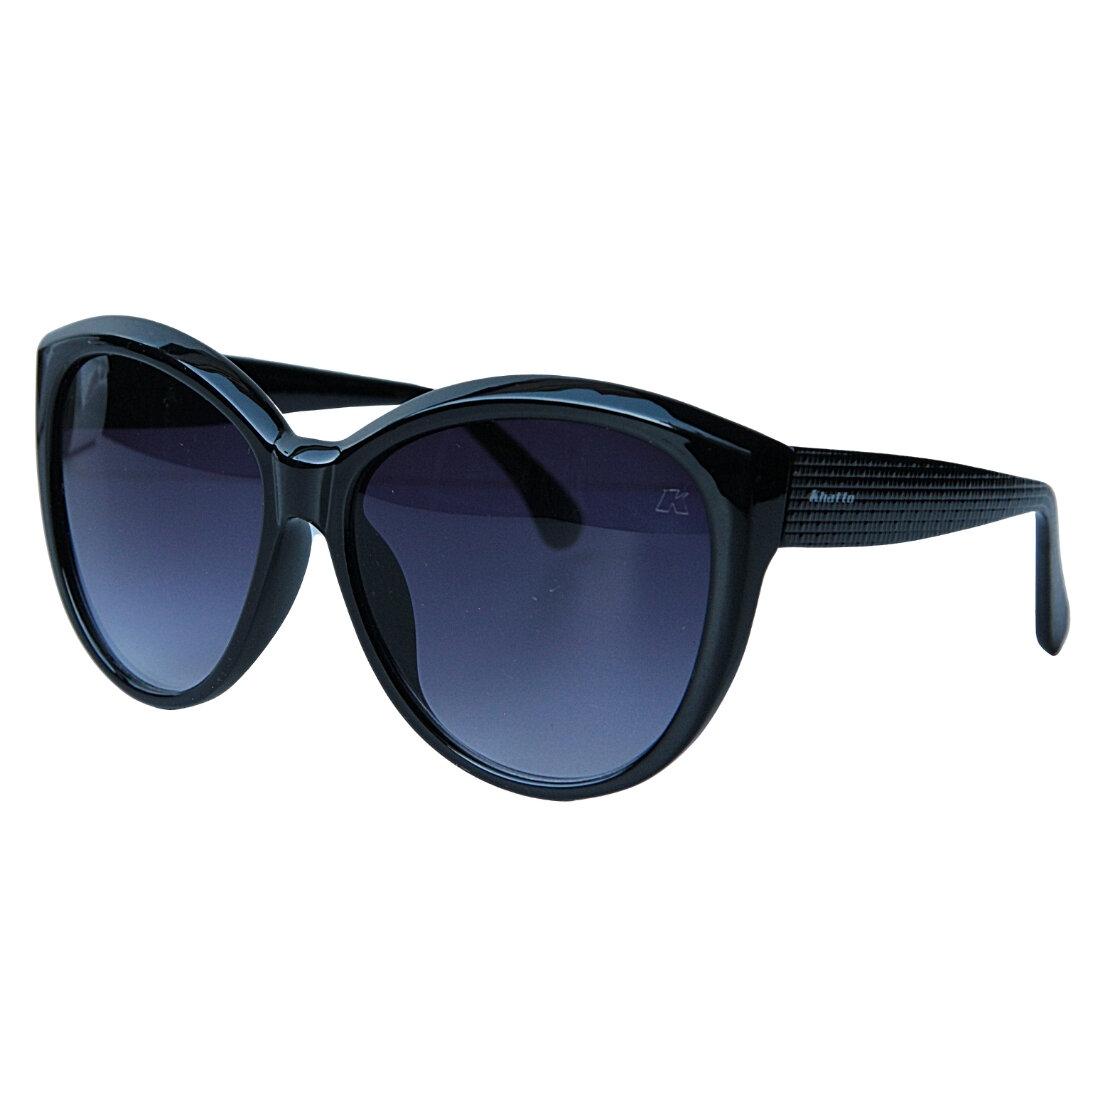 Óculos de Sol Khatto Cat Eyes Basic - PU